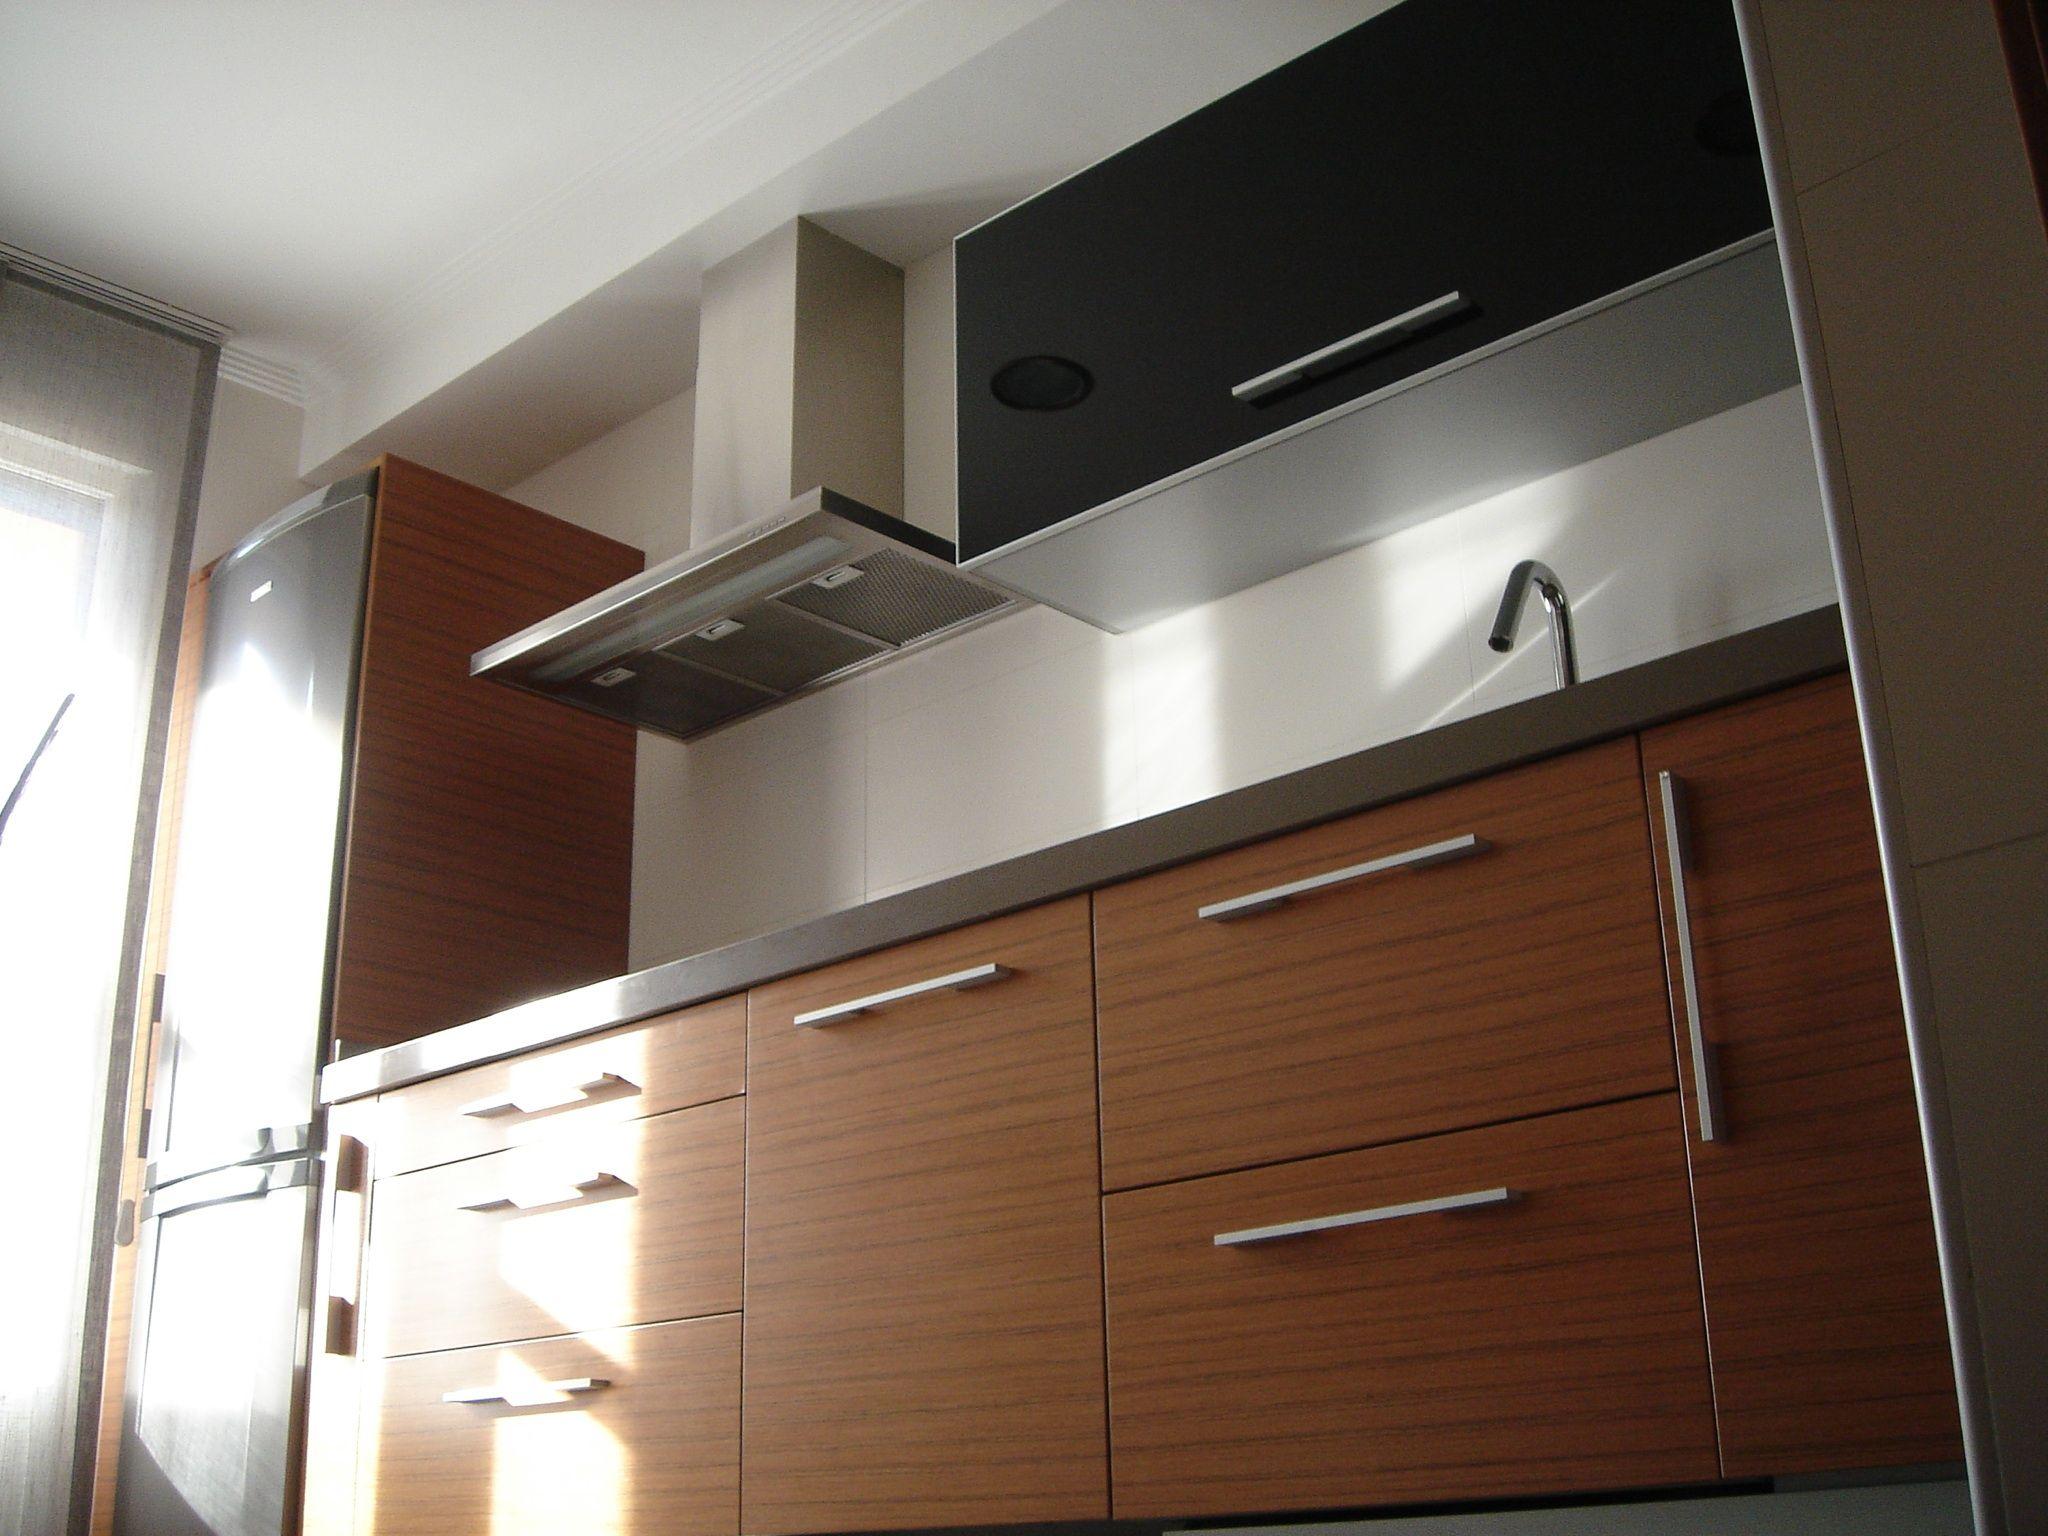 Cocina en madera cat logo de muebles fhoa - Muebles de cocina en asturias ...